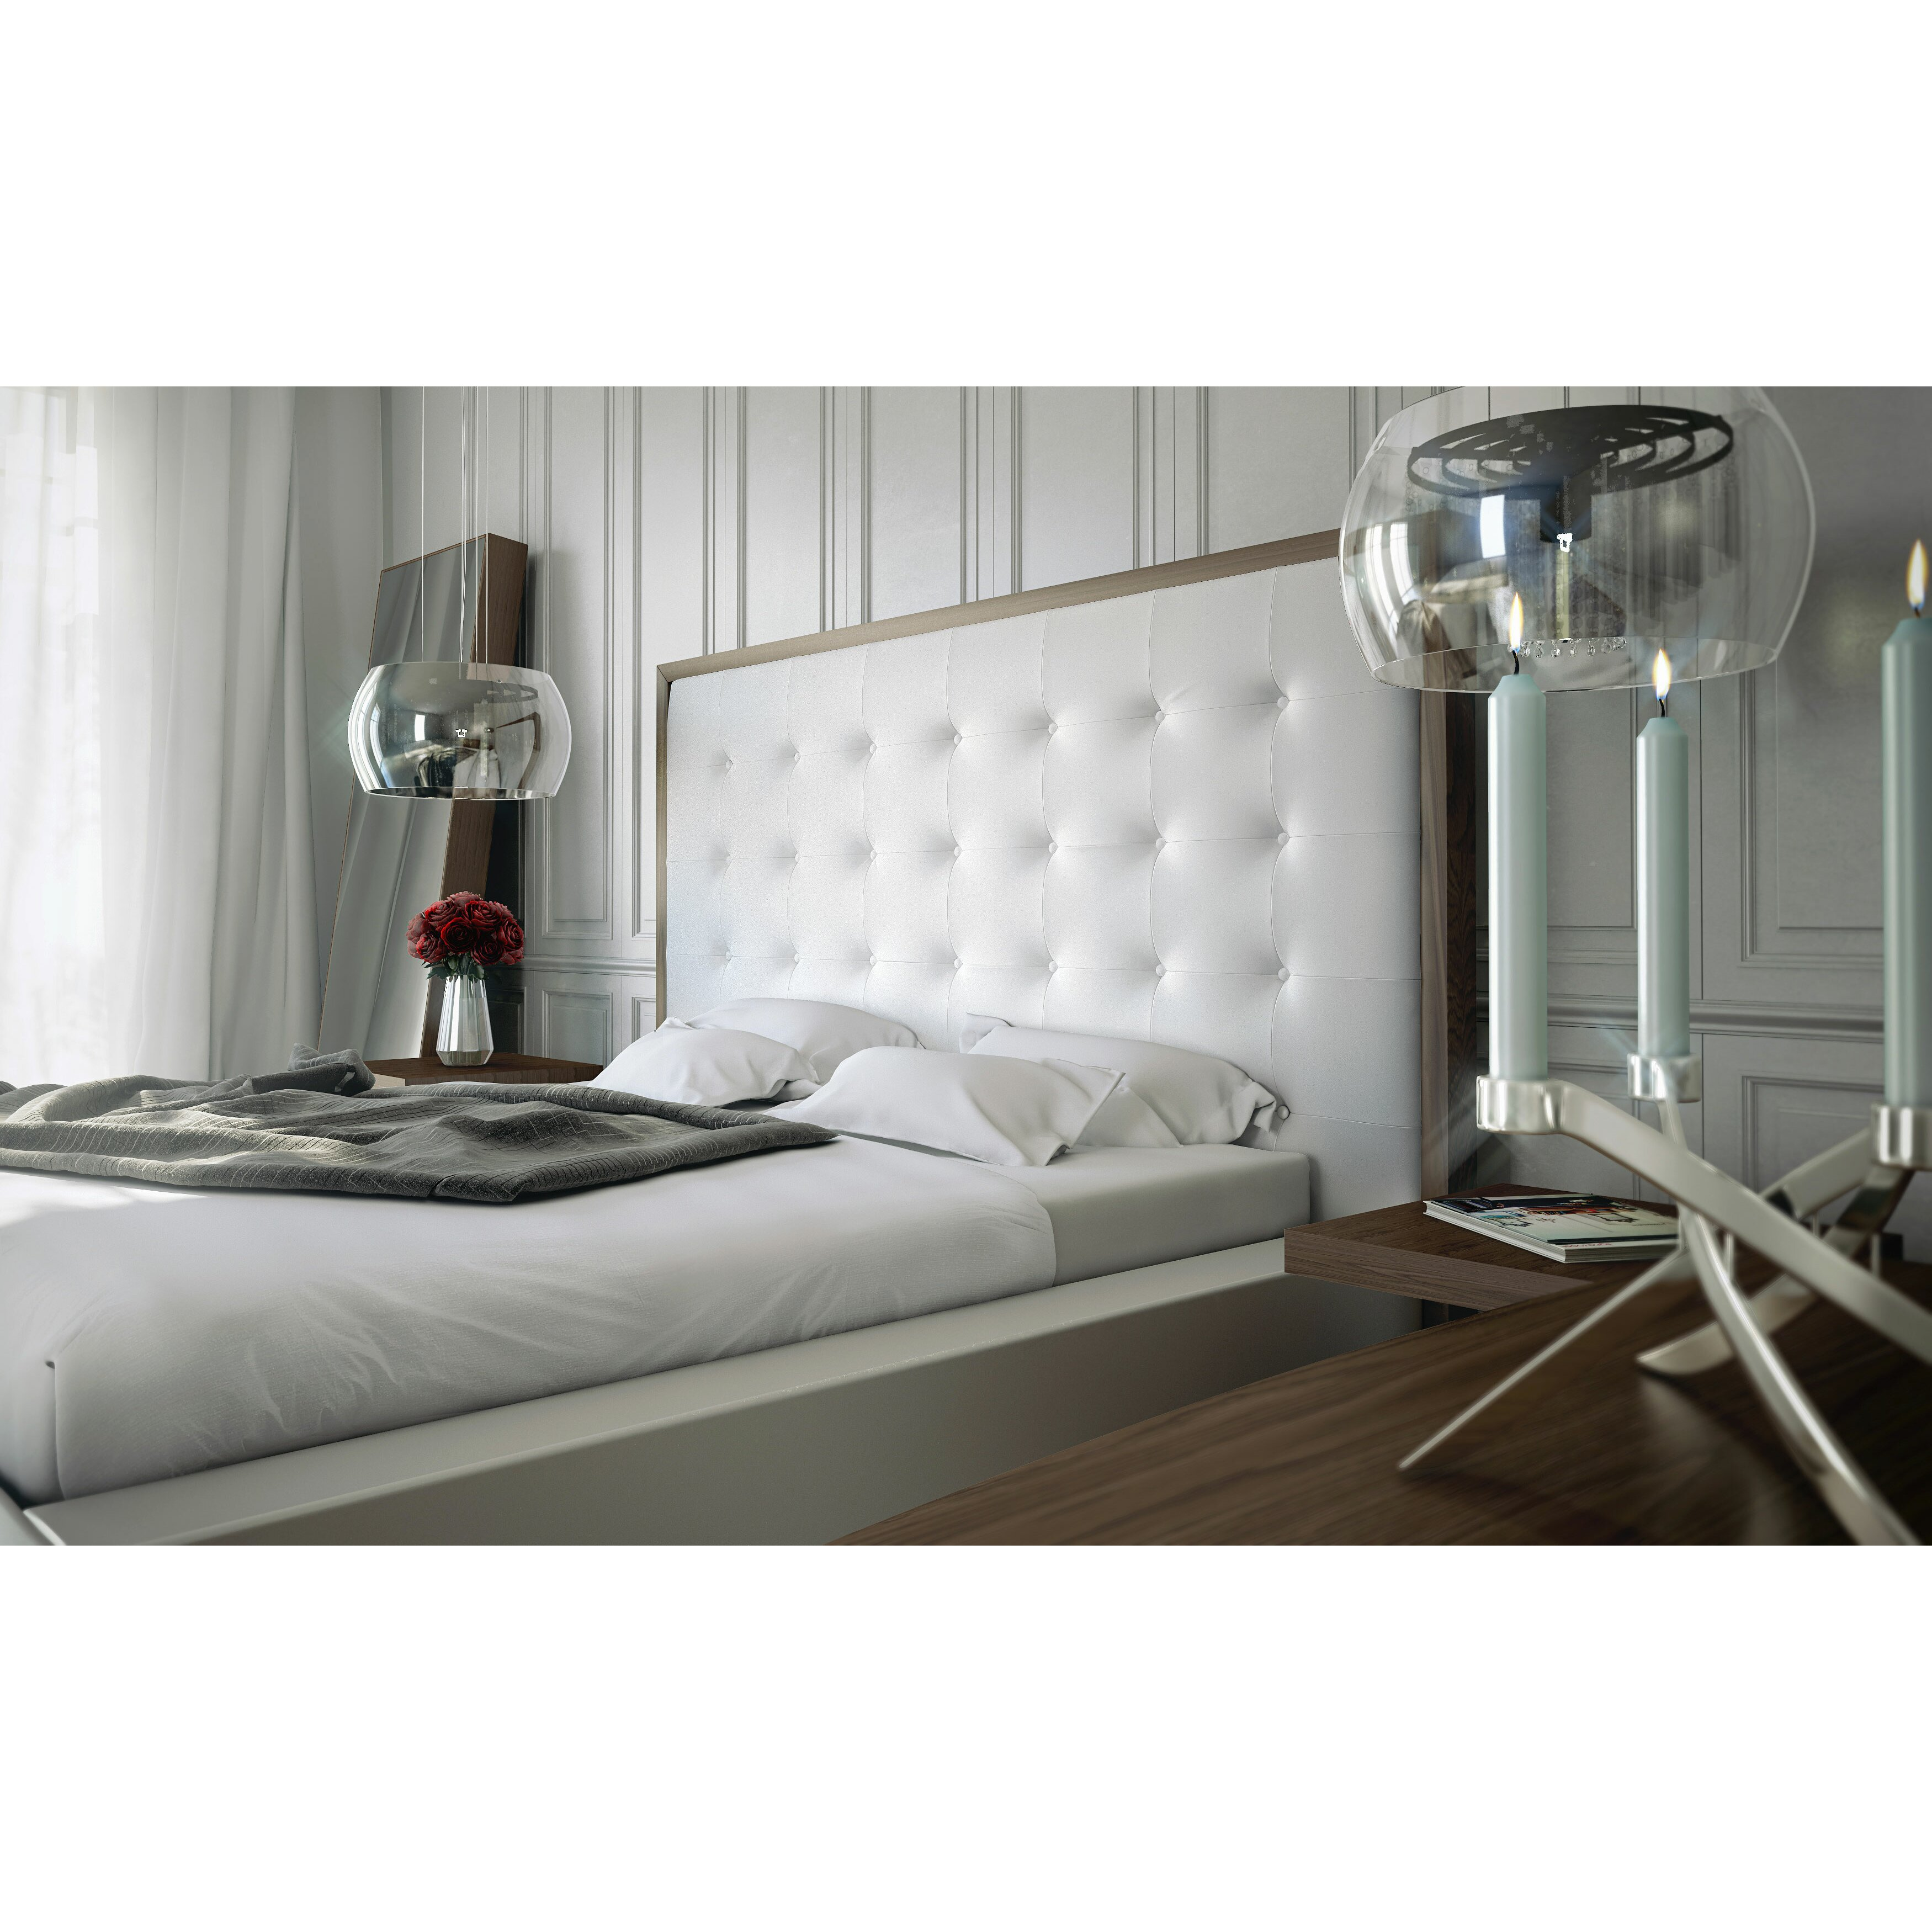 Platform Bed Bedroom Set Ludlow Platform Customizable Bedroom Set Reviews Allmodern